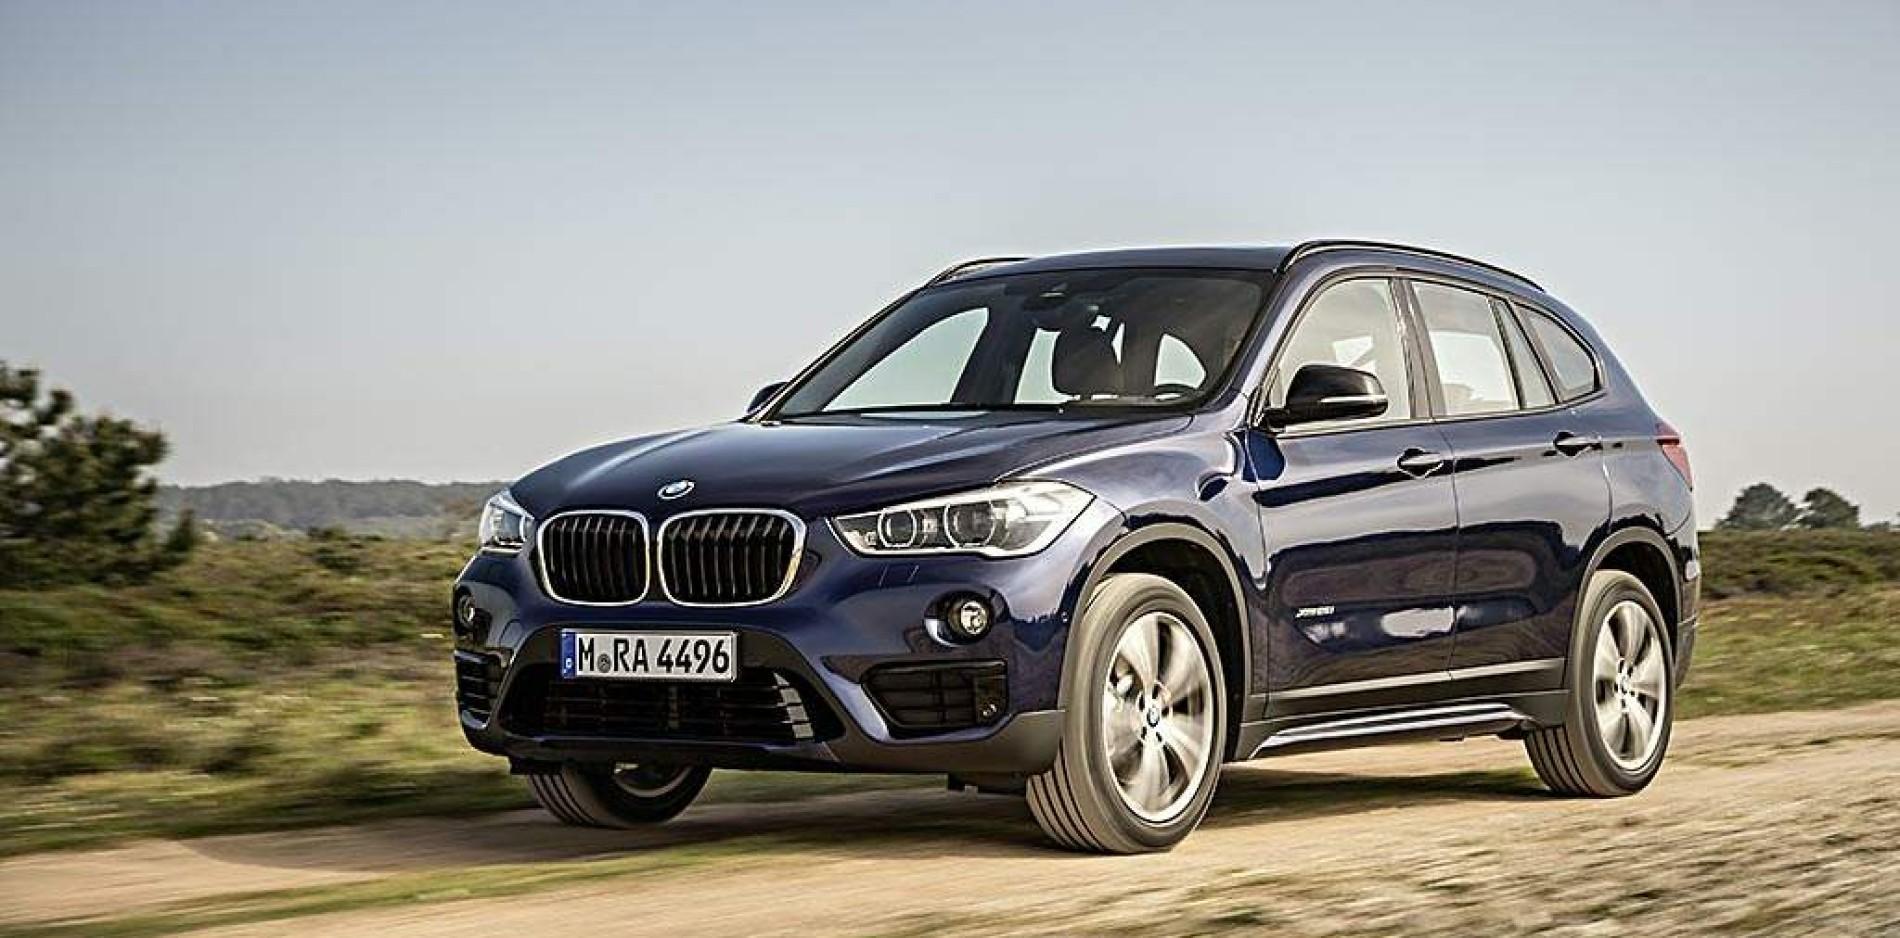 La segunda generación del BMW X1 ya está aquí